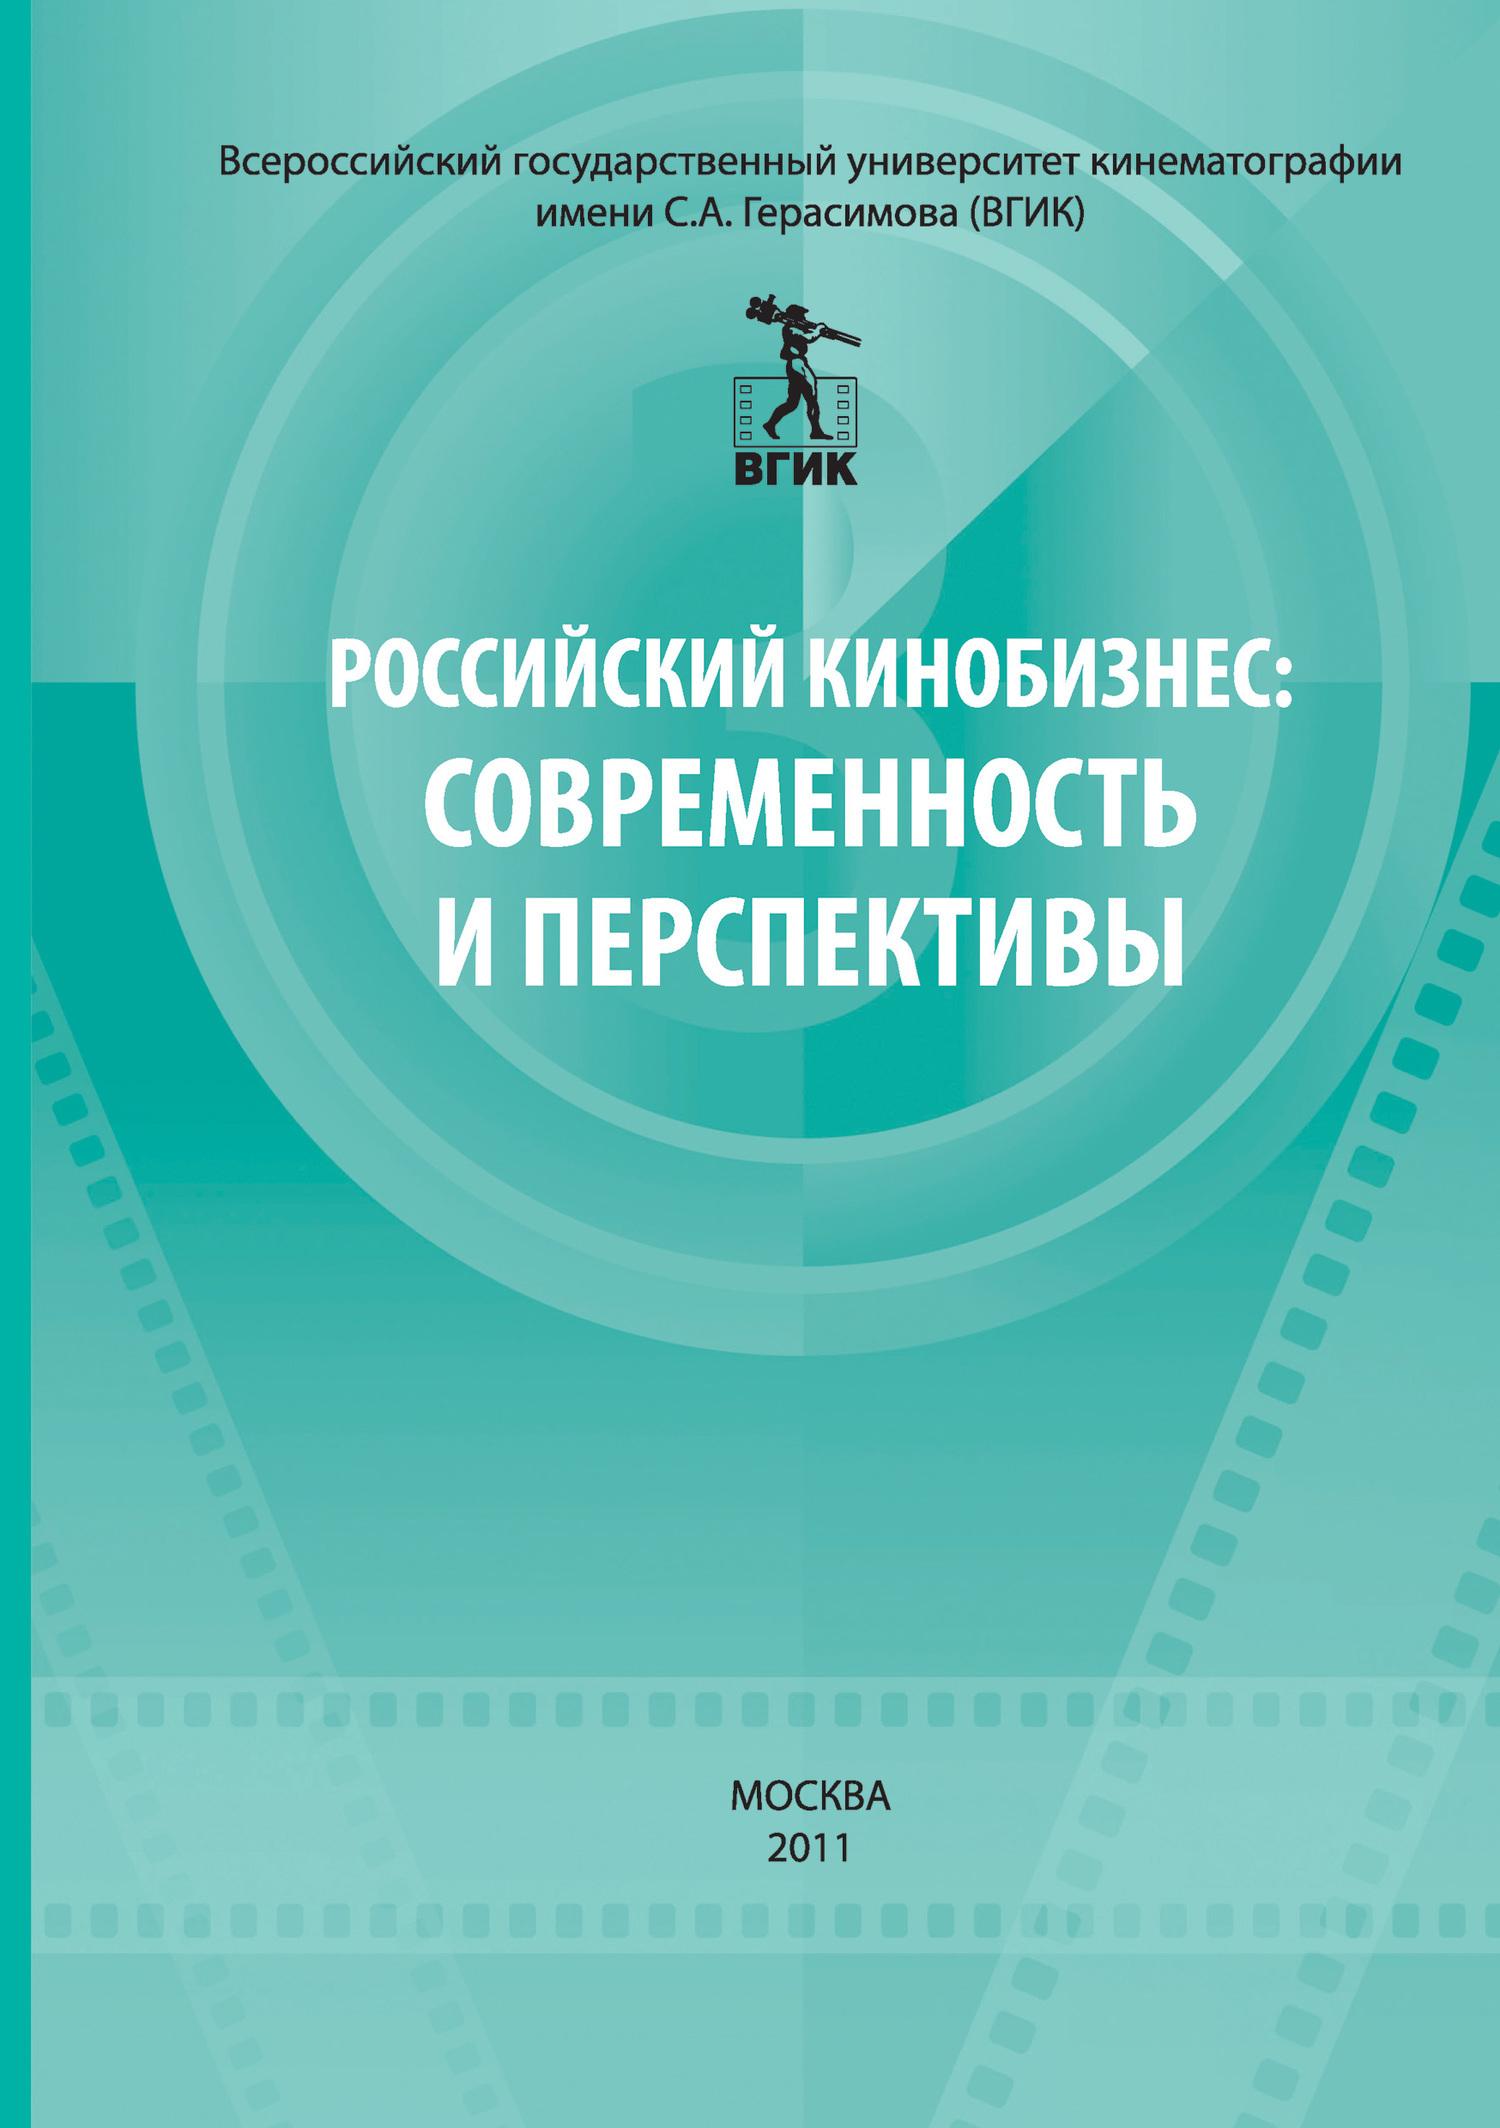 Российский кинобизнес: cовременность и перспективы. Материалы научно-практической конференции 3 декабря 2009